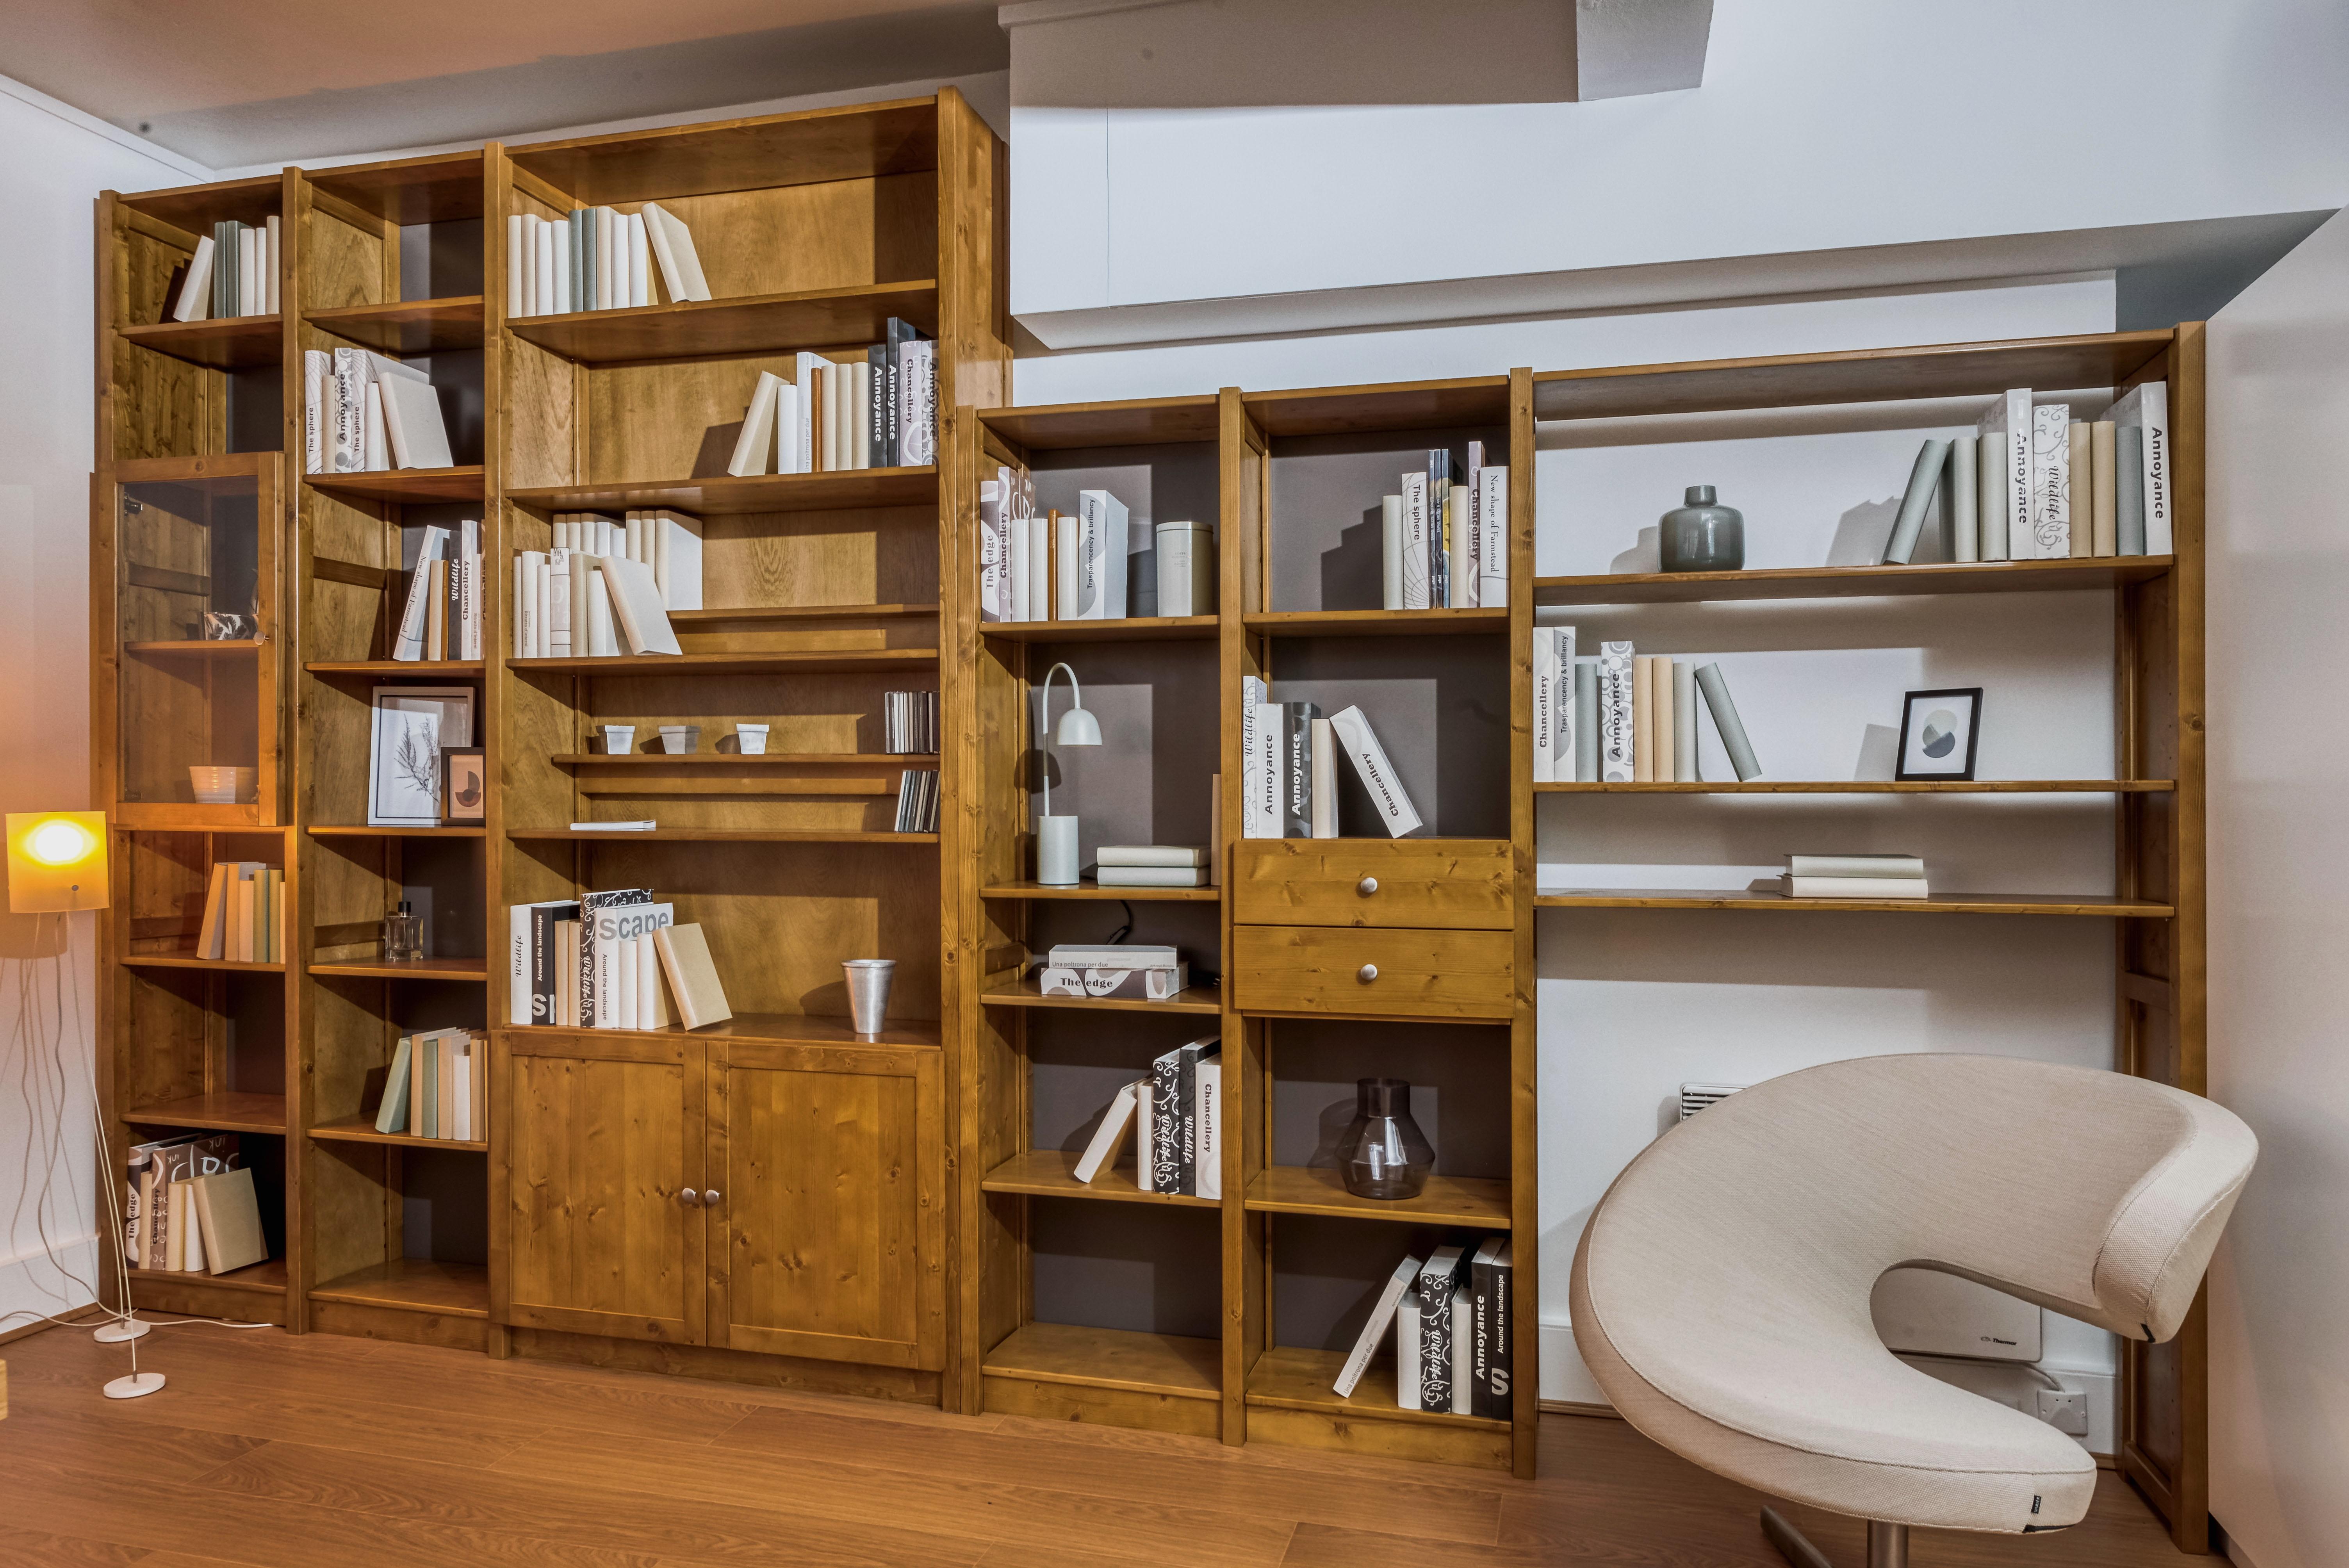 Des bibliothèques aux grandes longueurs